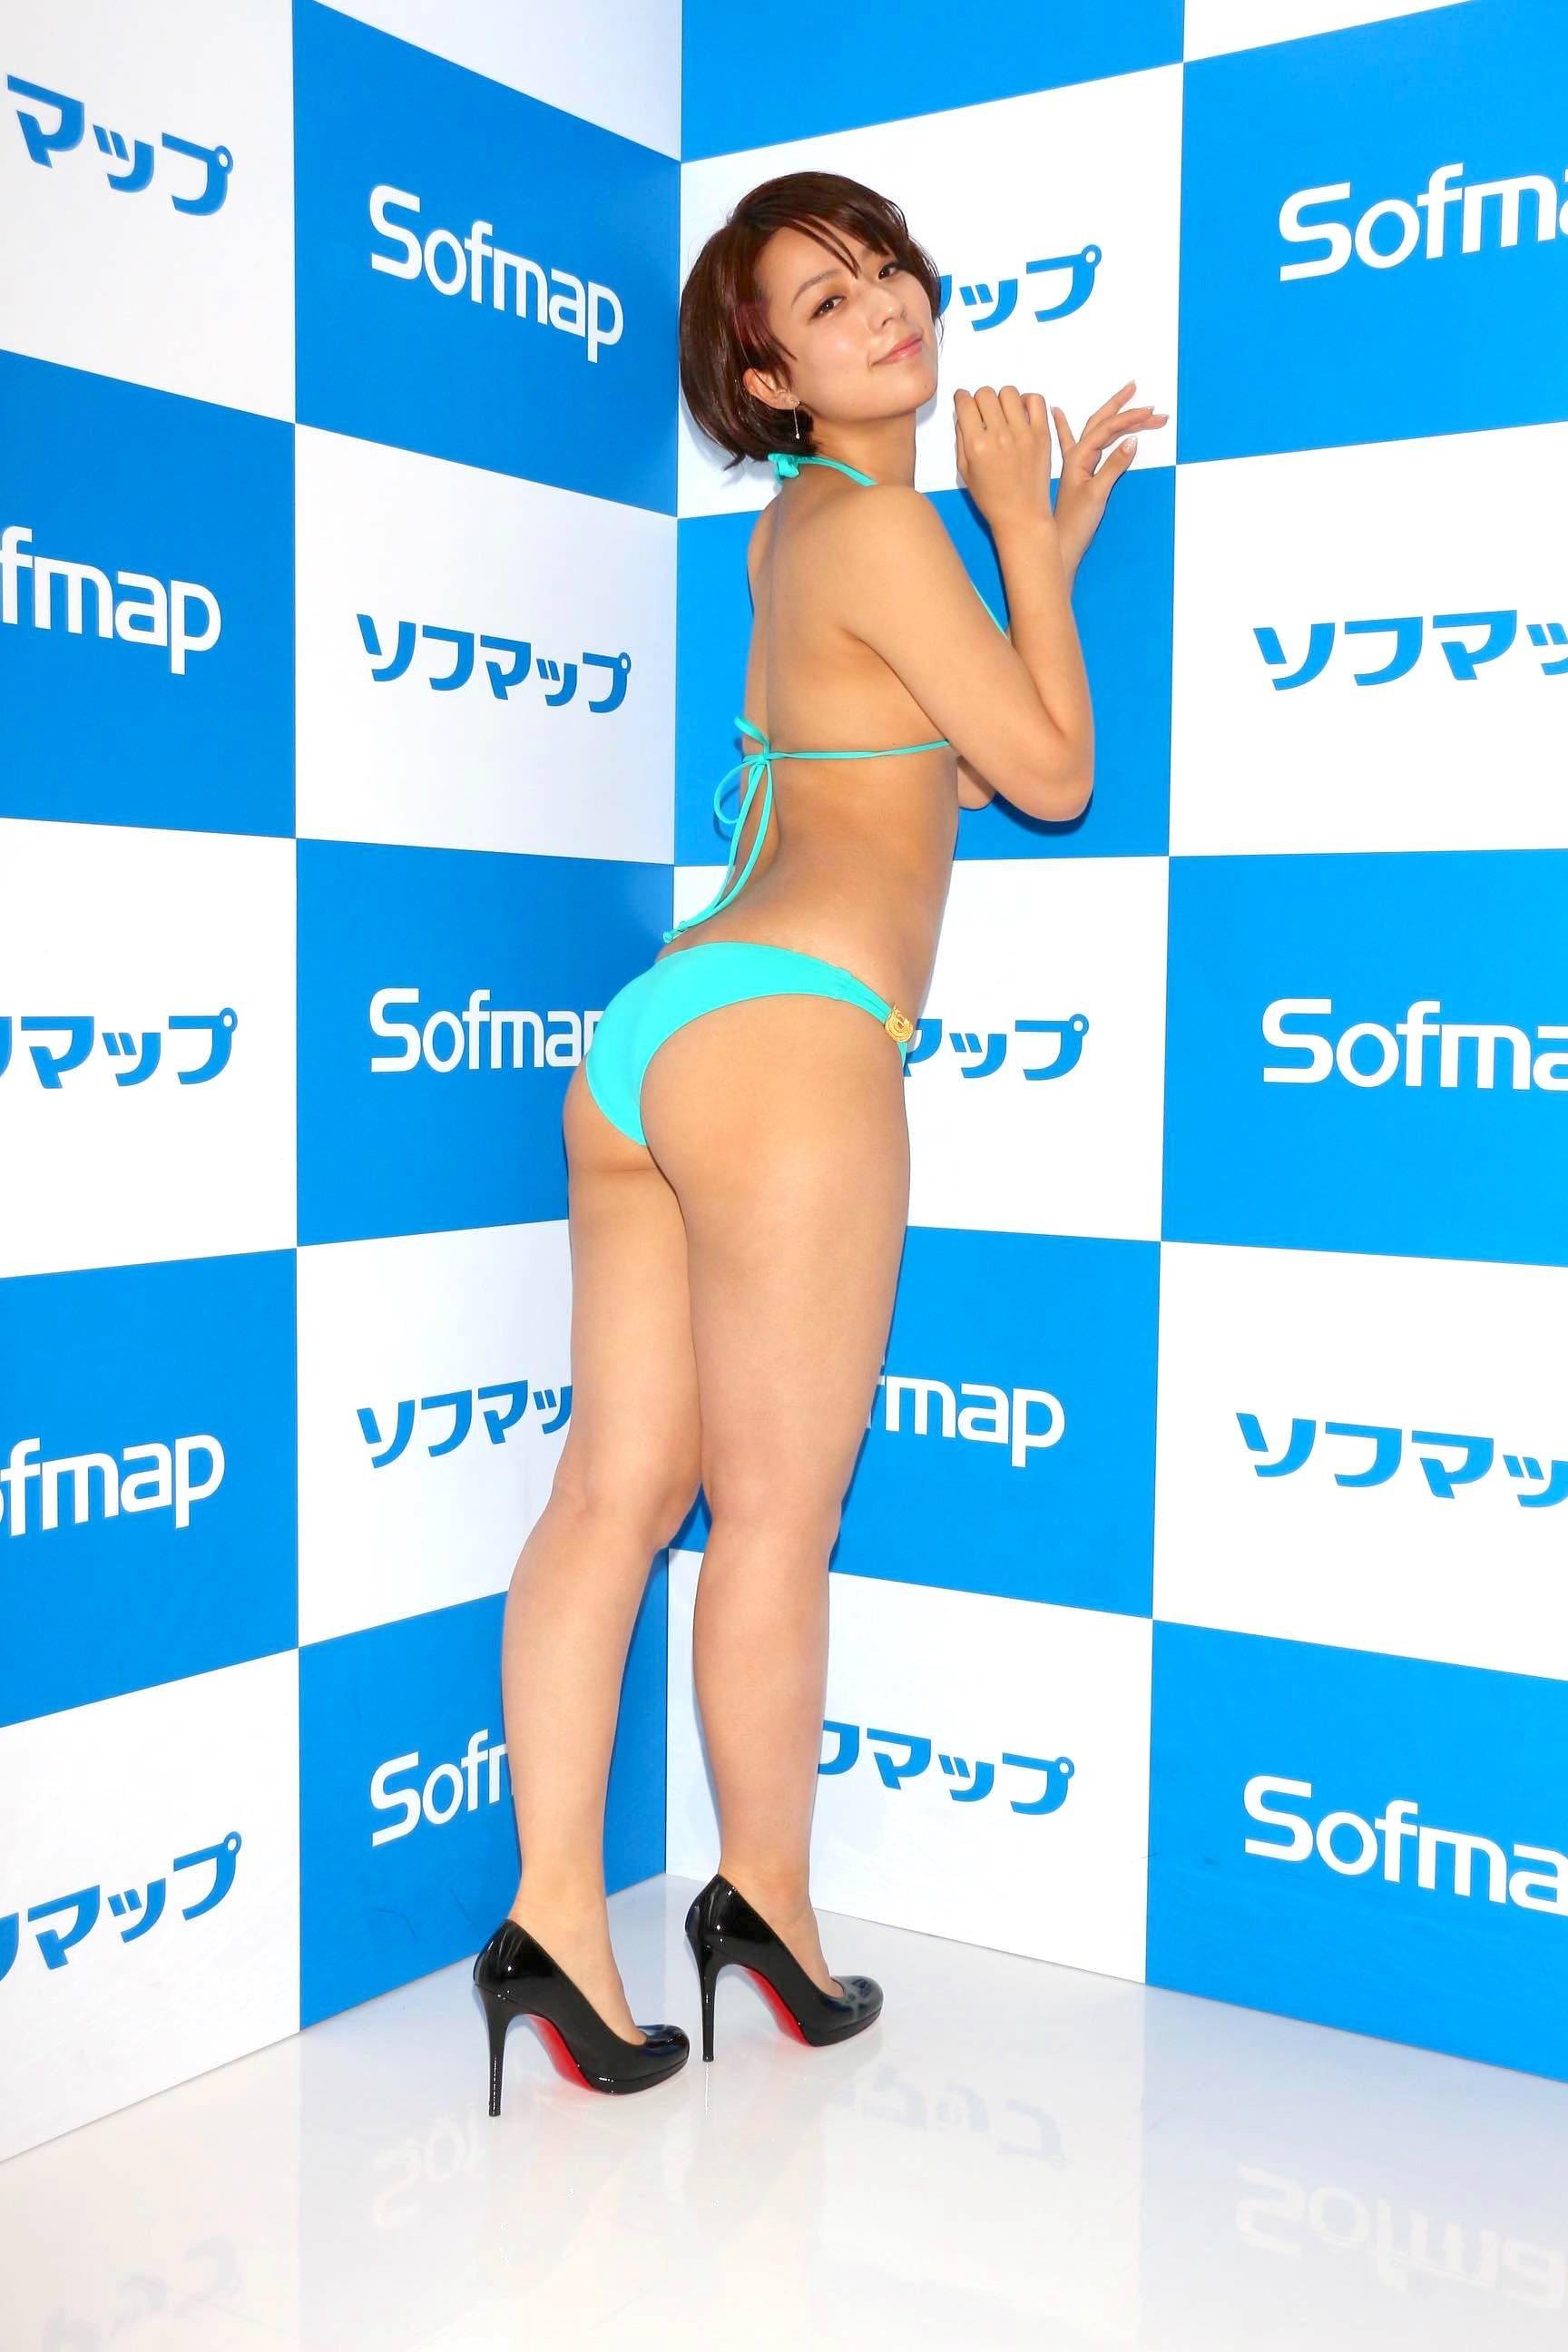 小瀬田麻由「ハァハァしちゃった」テラハ美女がビキニで悶絶!【写真22枚】の画像004